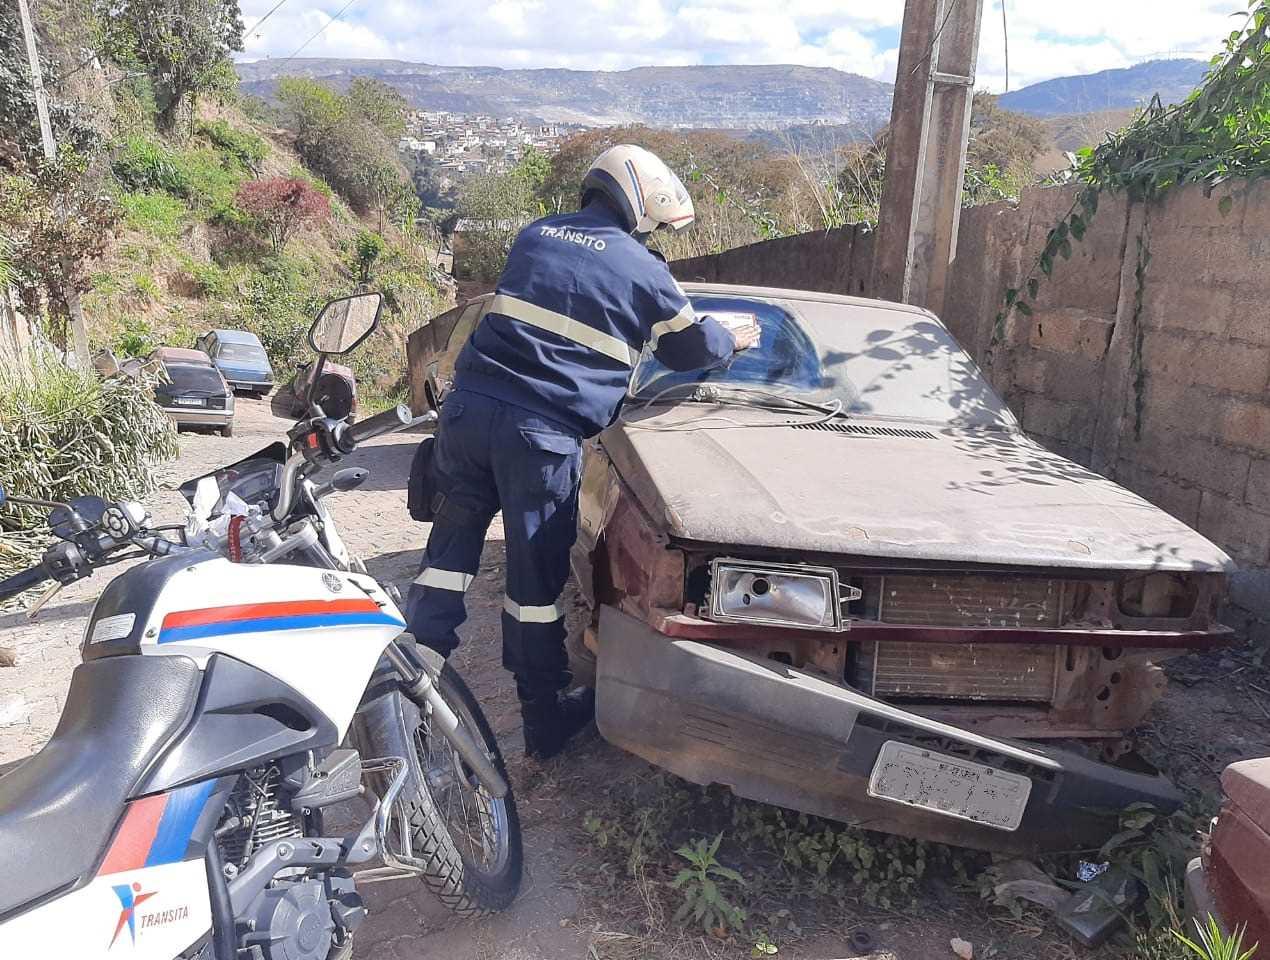 Transita realiza operação para recolher veículos abandonados nas ruas de Itabira